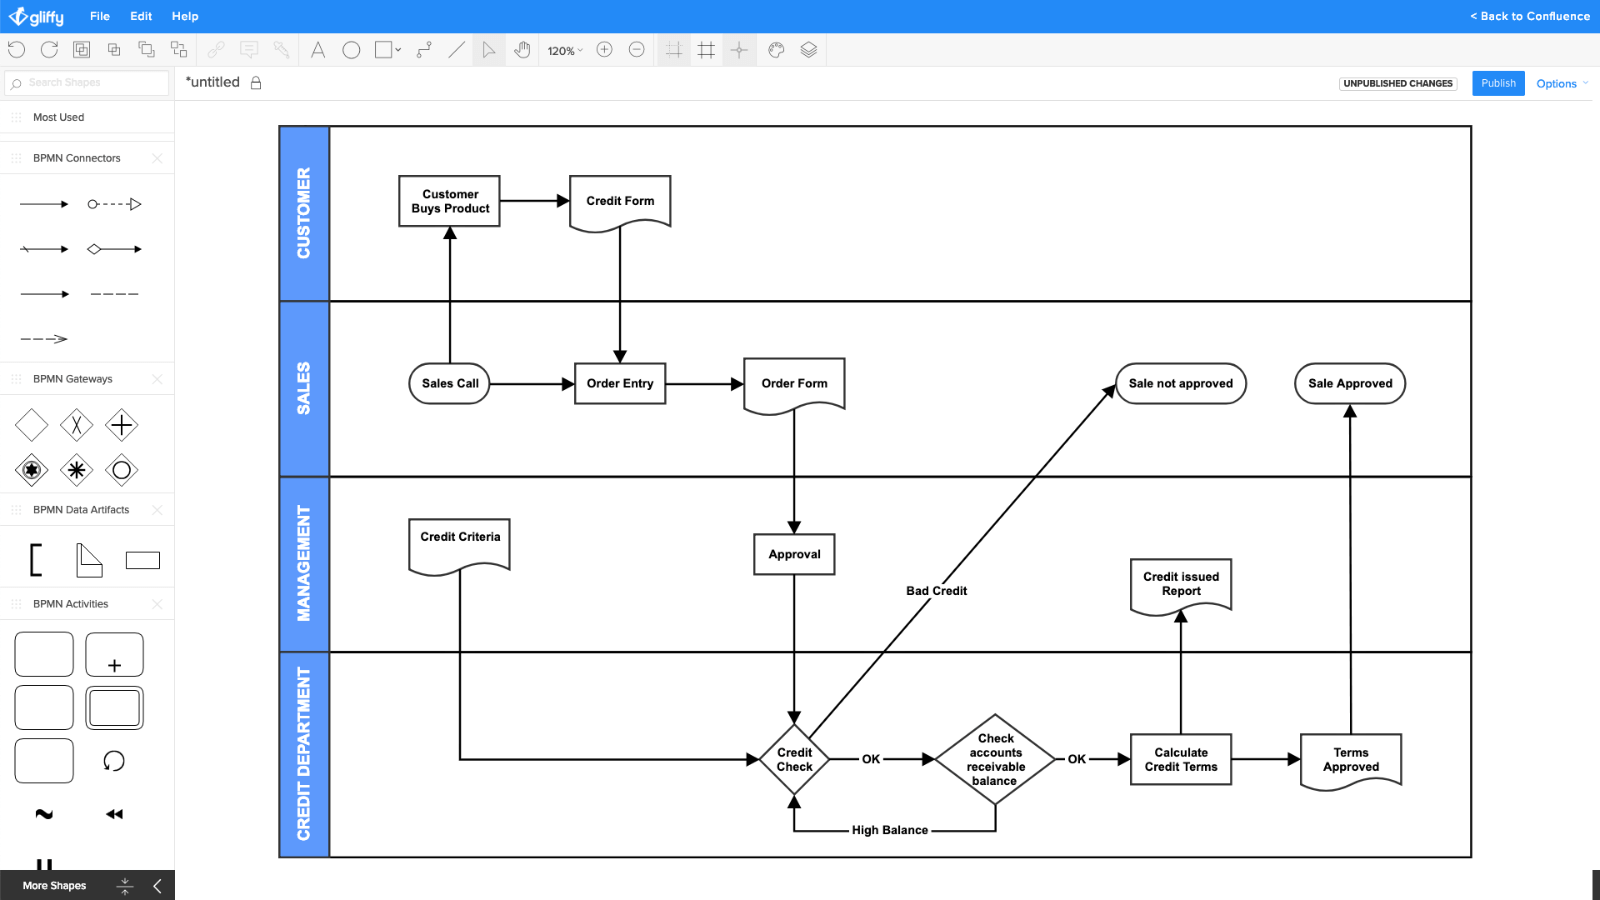 Пример диаграммы процесса транзакции в интернет-магазине (создано в Gliffy)